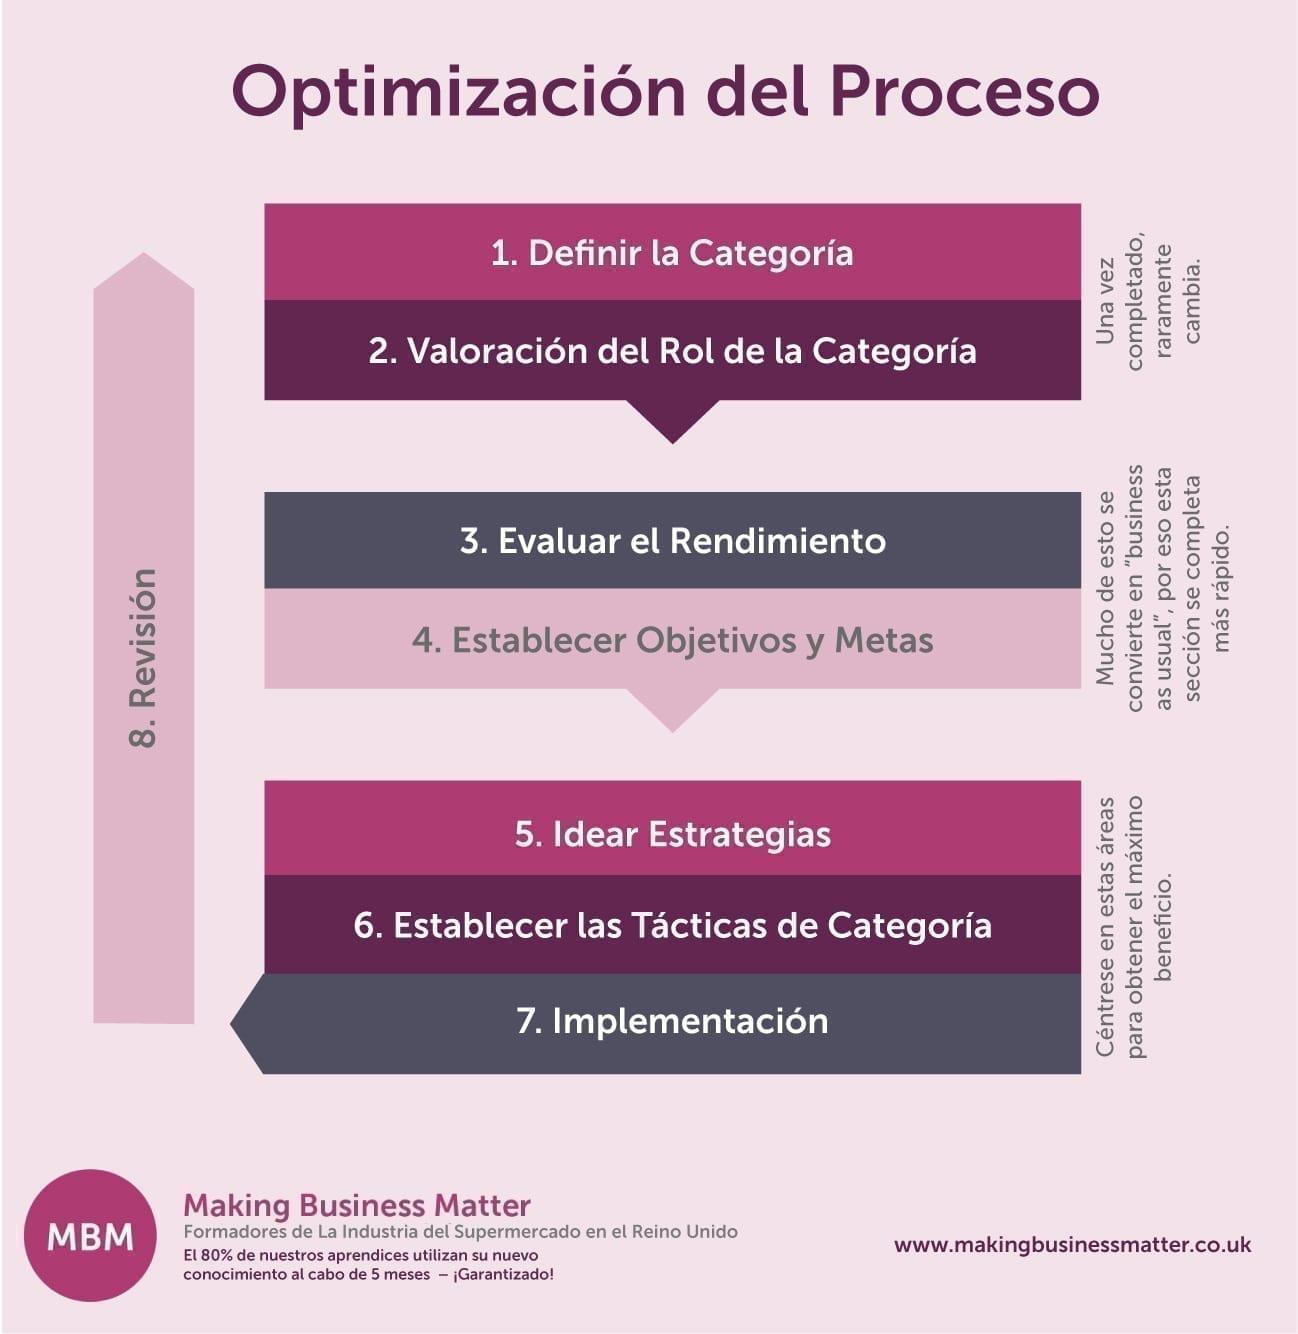 Optimización del Proceso